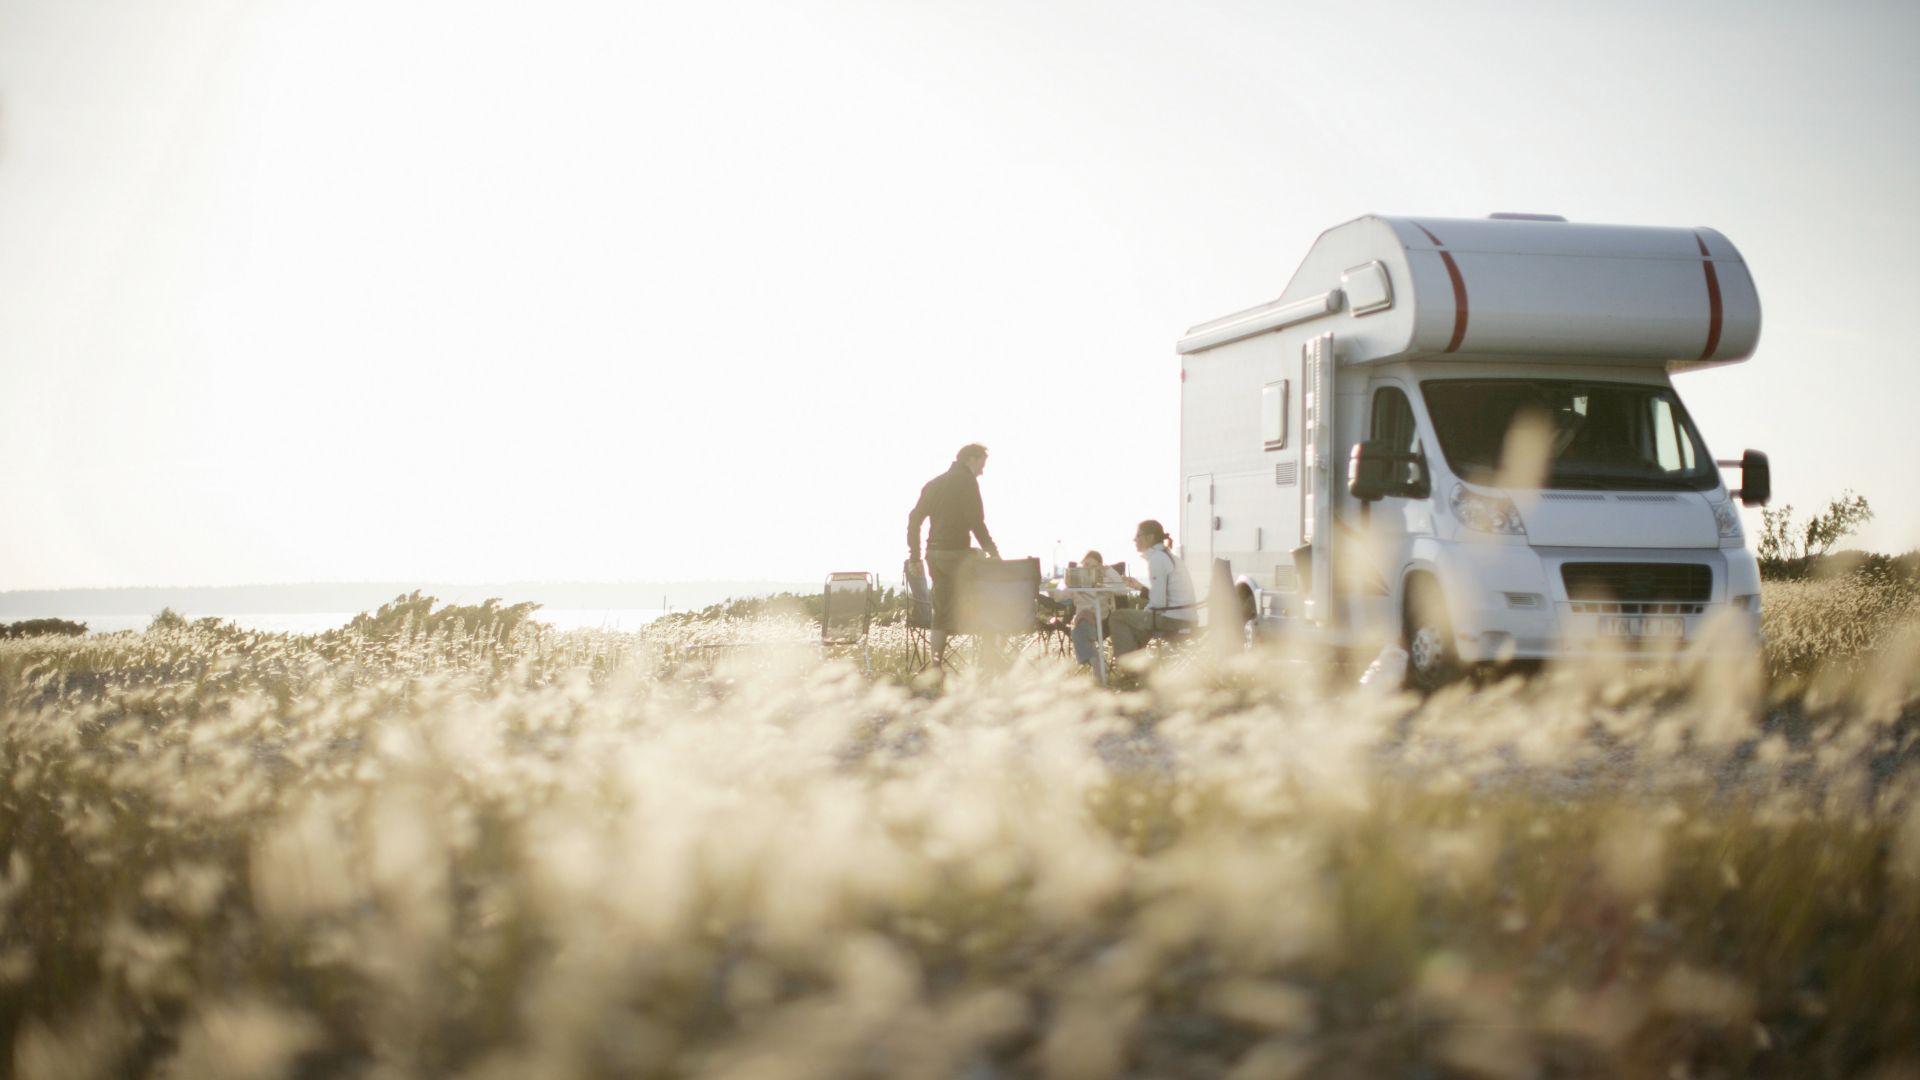 Baltic Sea: Motor caravan in the dunes